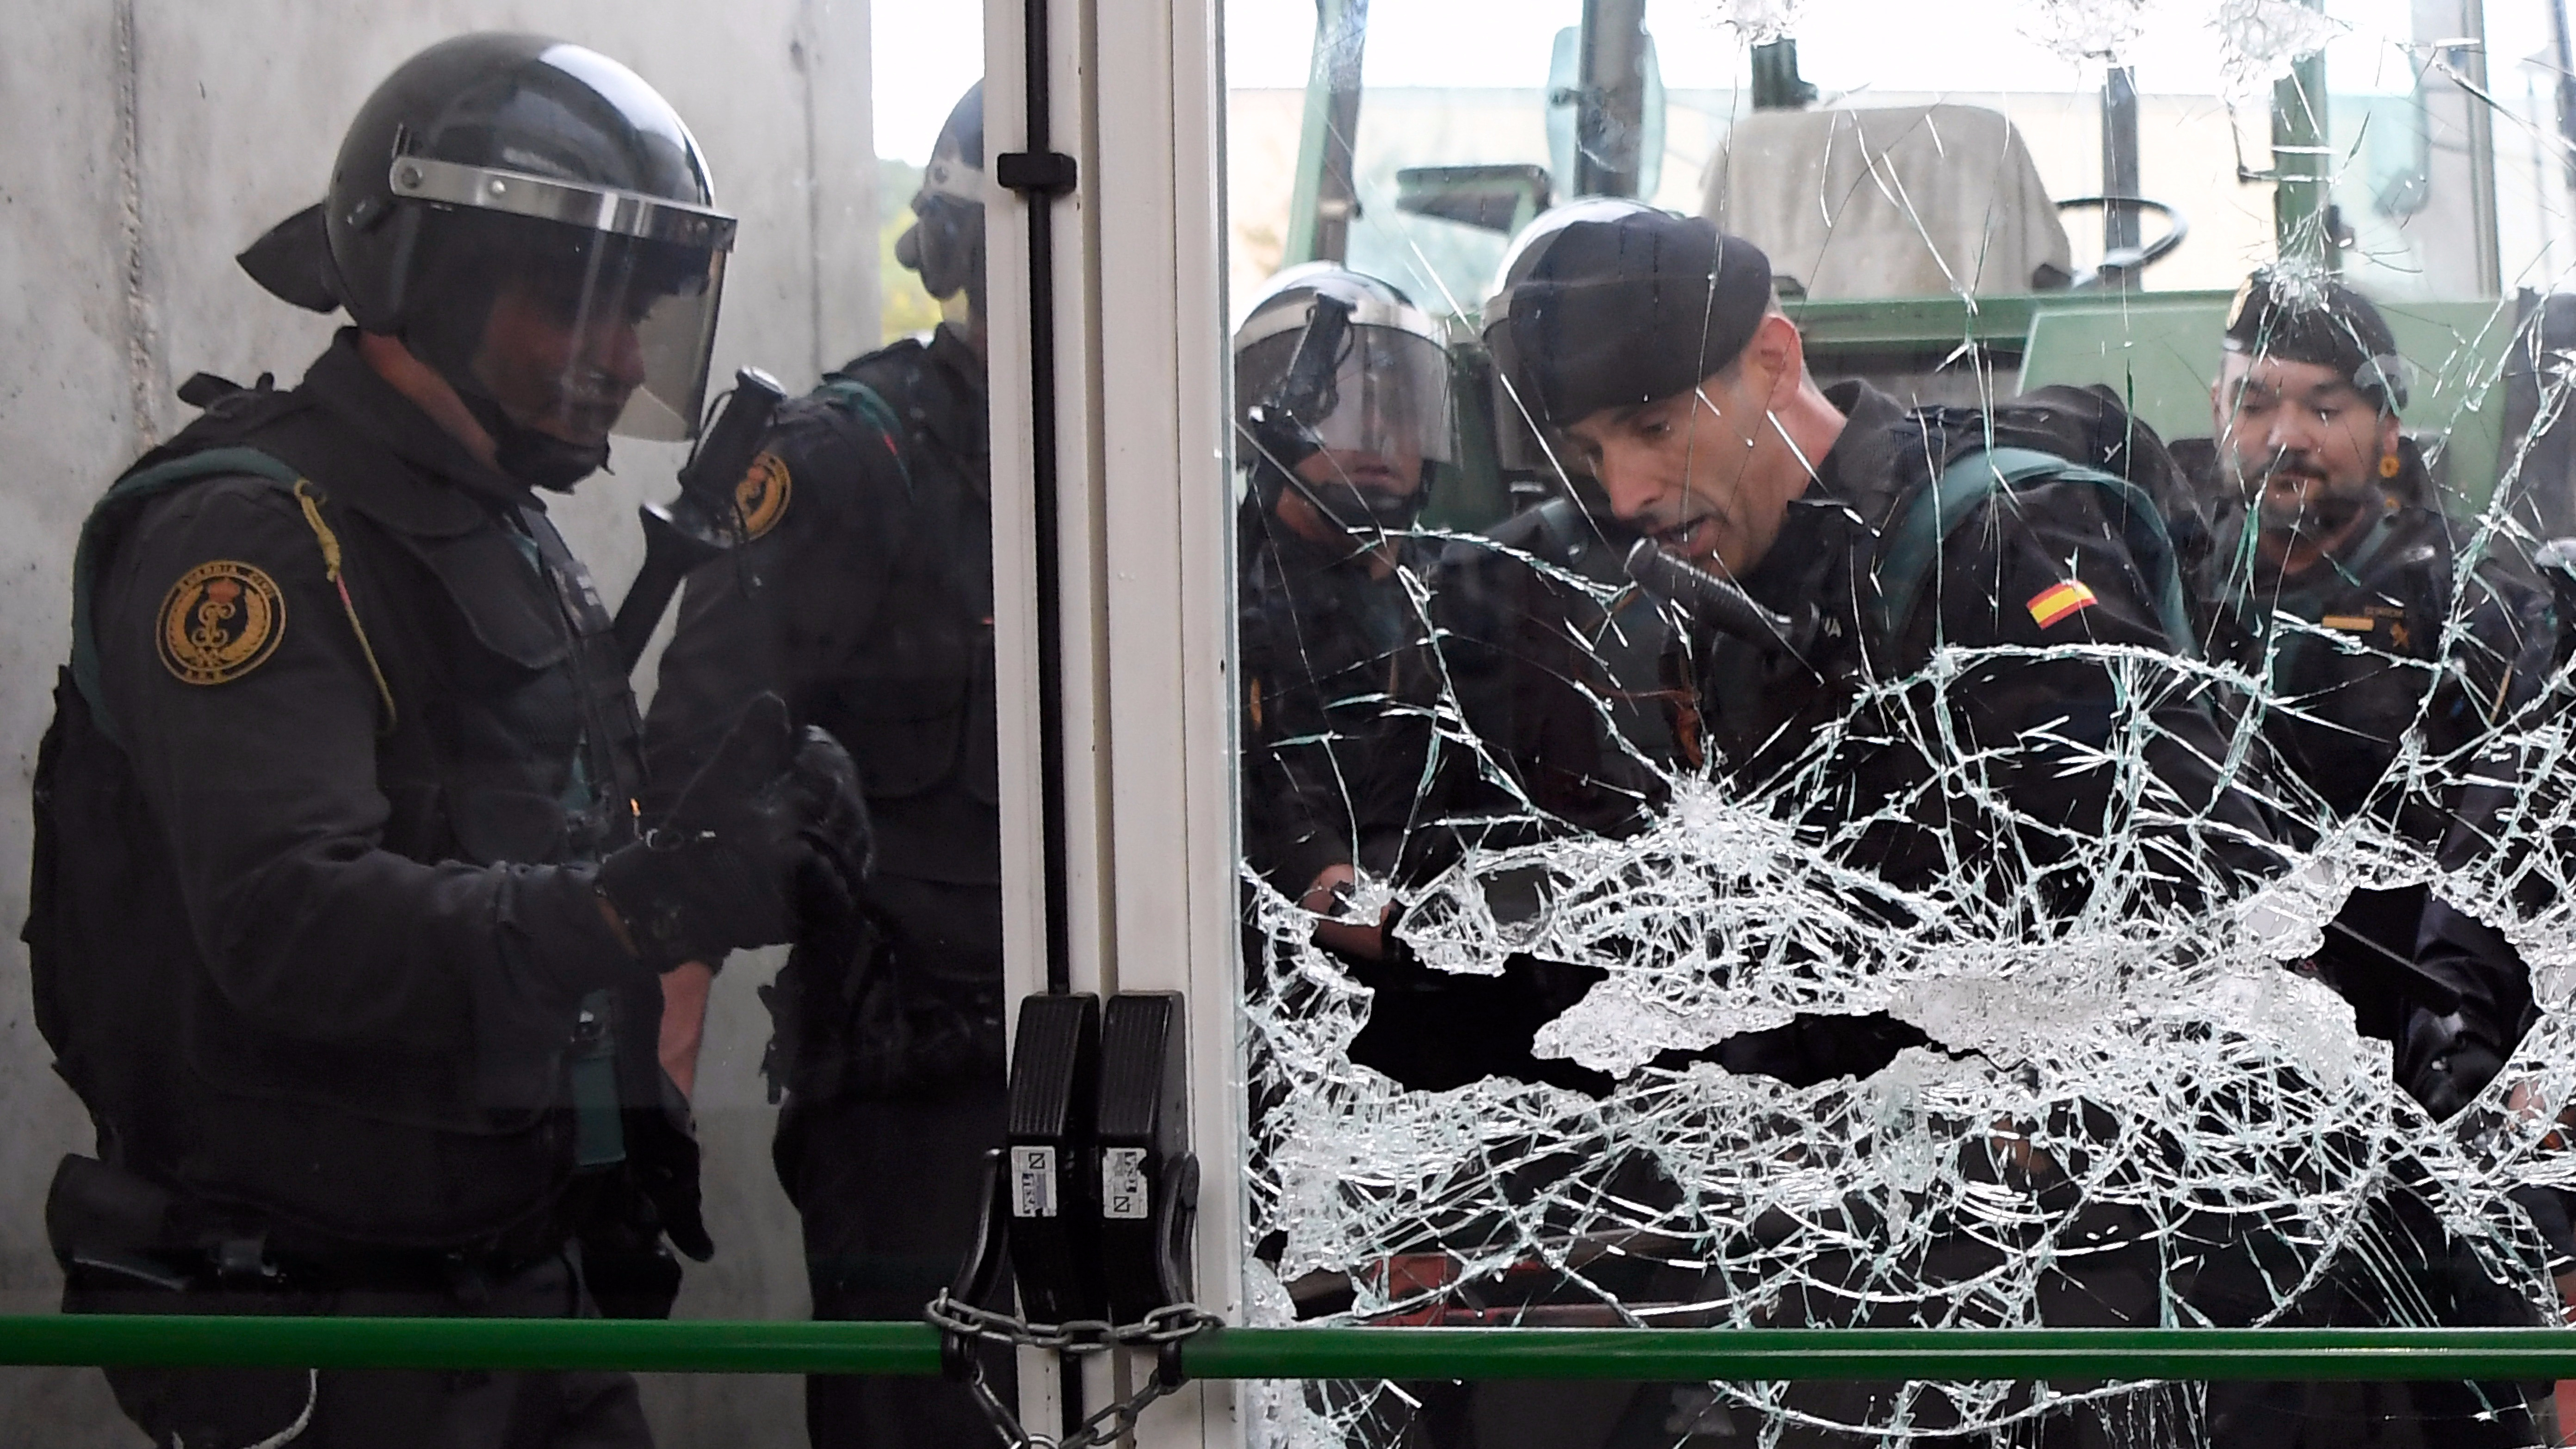 Más de un centenar de personas que estaban concentradas en el exterior del pabellón intentaron impedir la entrada de los agentes en el colegio.